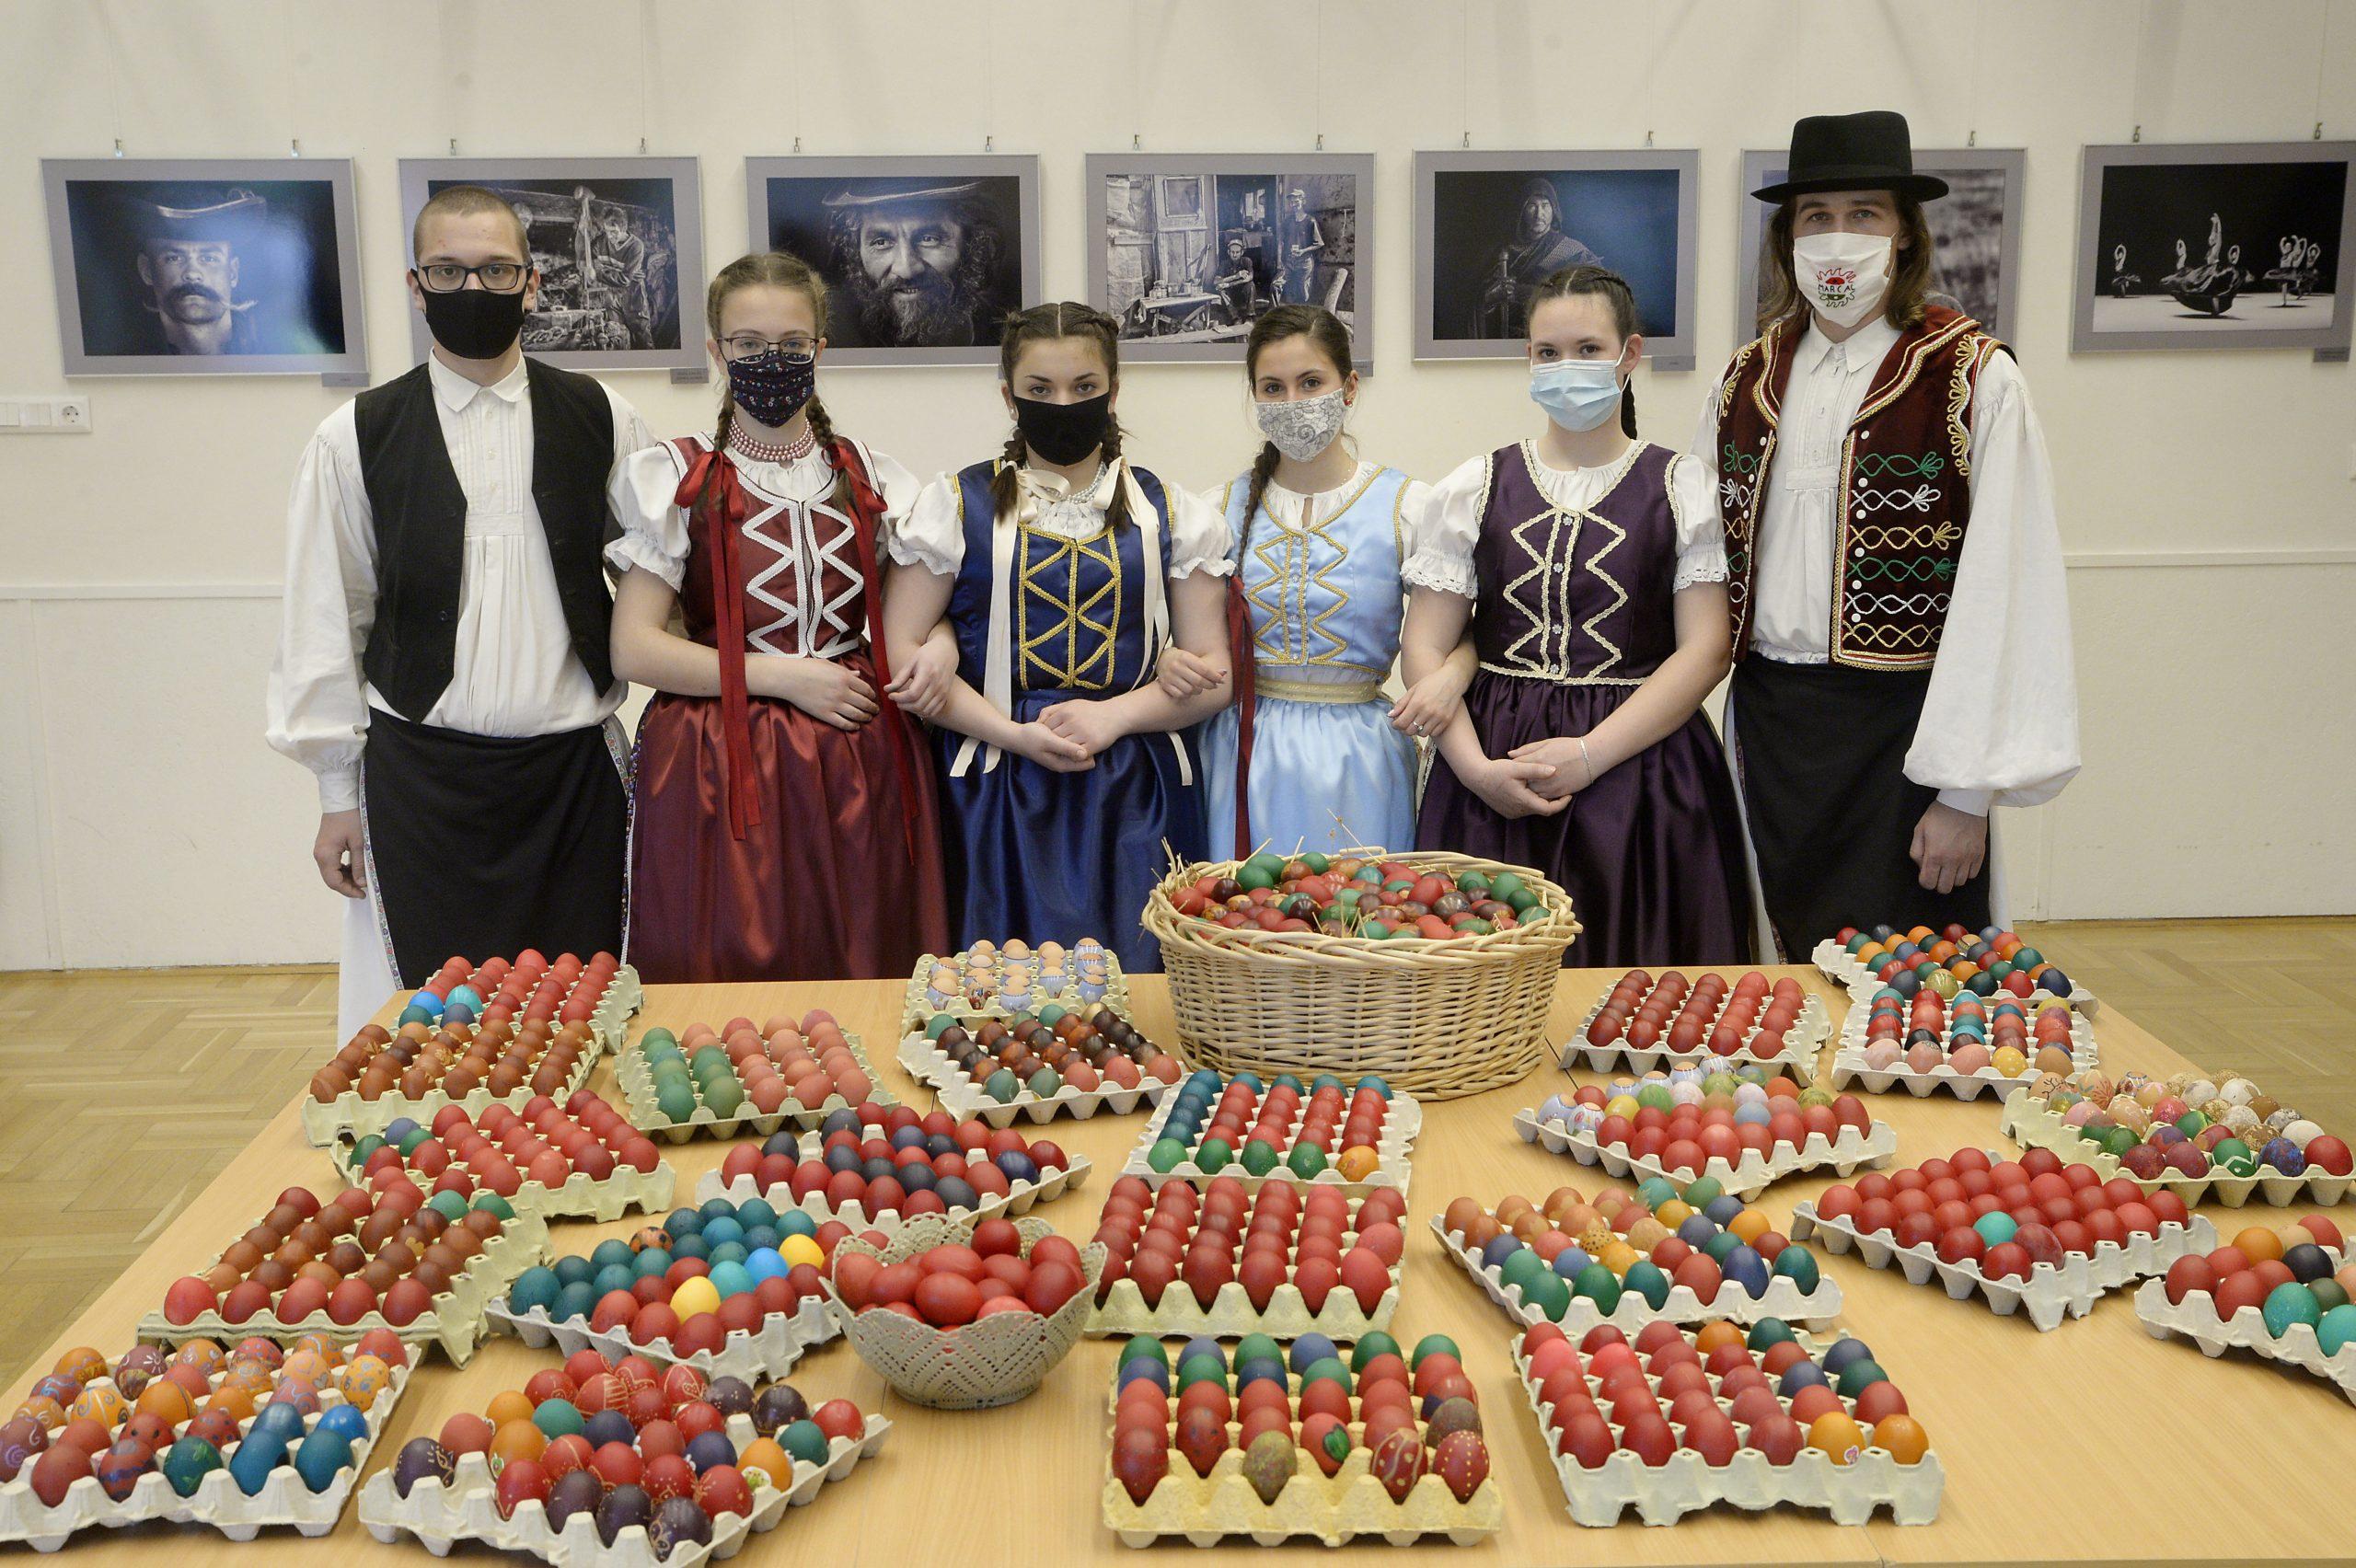 A Marcal Tánc- és Népművészeti Egyesület tagjai és húsvéti tojások a gyírmóti Művelődési Házban 2021. március 31-én. Hétszázötven darab hímes tojás készül Győr város fennállásának évfordulójára. MTI/Krizsán Csaba